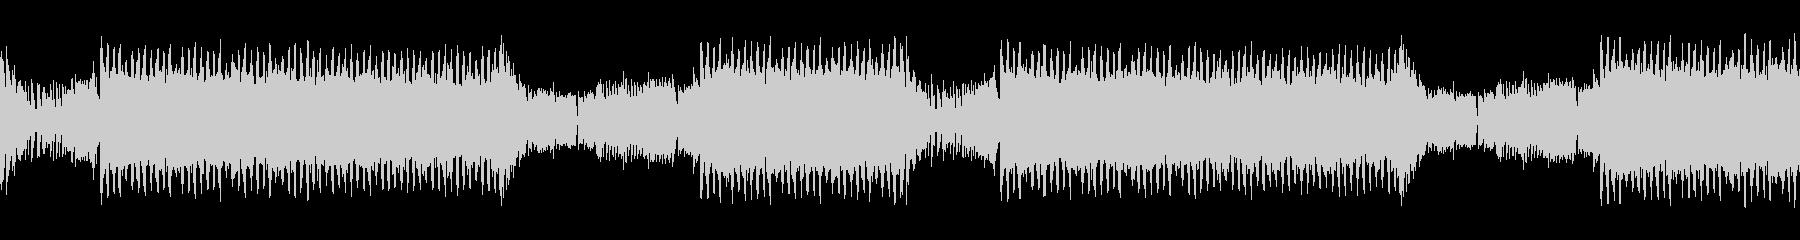 勢いのあるギターと電子音のEDMの未再生の波形